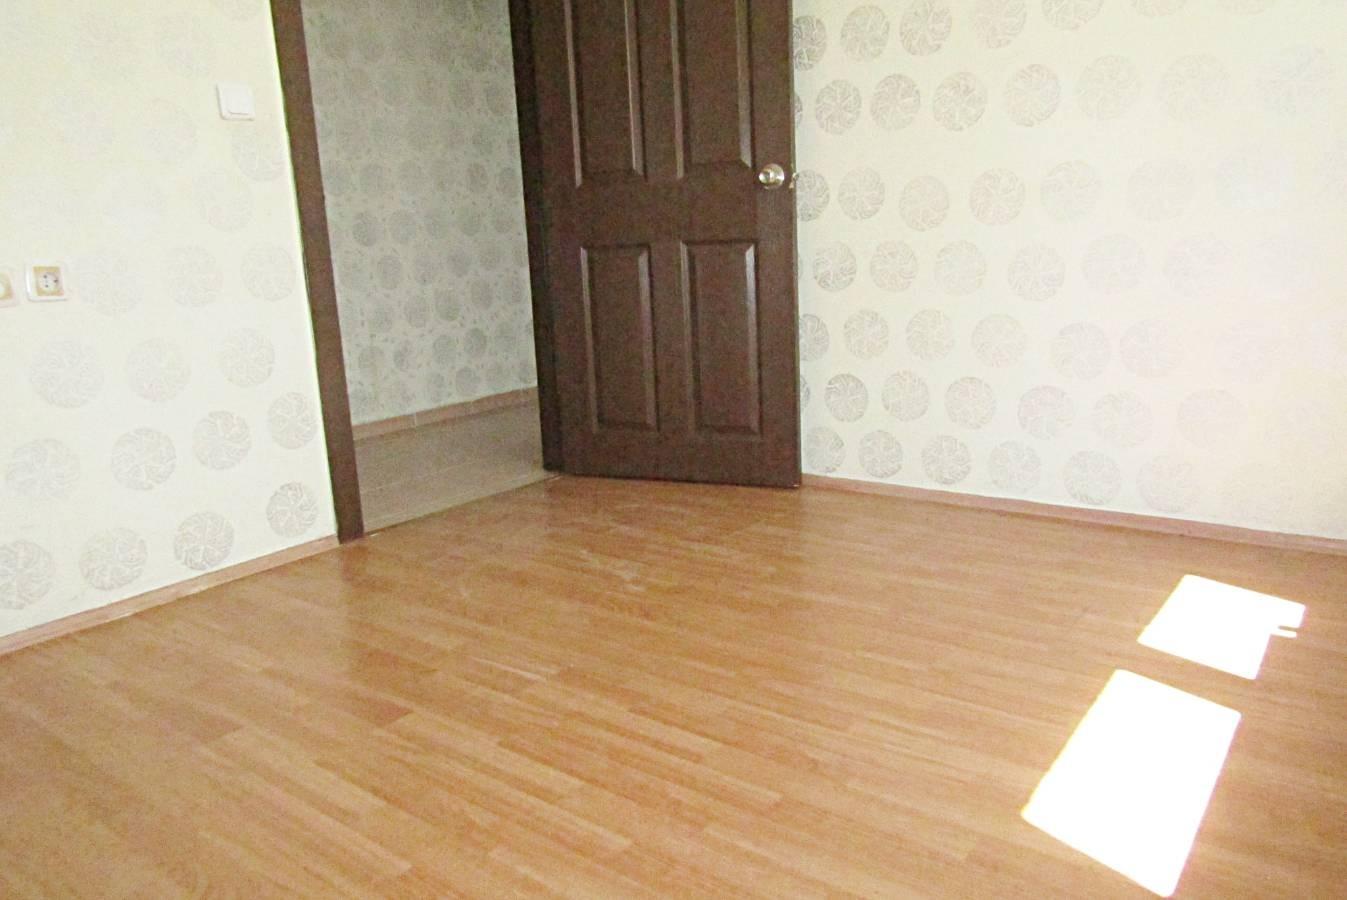 SR EMLAK'TAN ALSANCAK MAH'DE 3+1 110 m² BAĞIMSIZ YAPILI ULAŞIMA YAKIN DAİRE